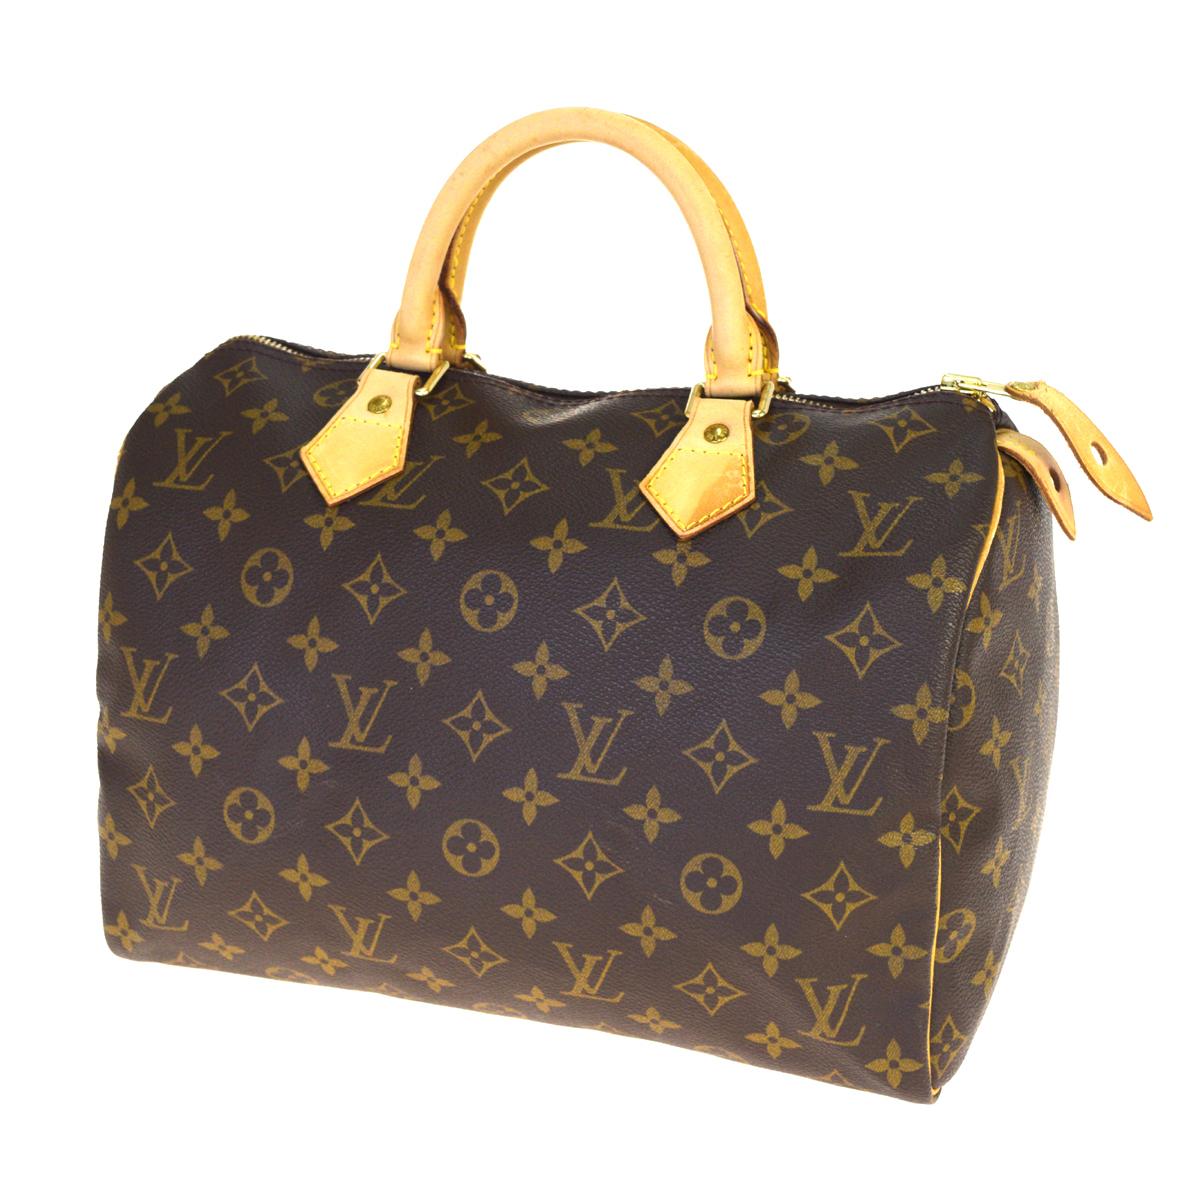 【中古】 ルイ・ヴィトン(Louis Vuitton) モノグラム スピーディ 30 M41108 ハンドバッグ ブラウン 32GB966